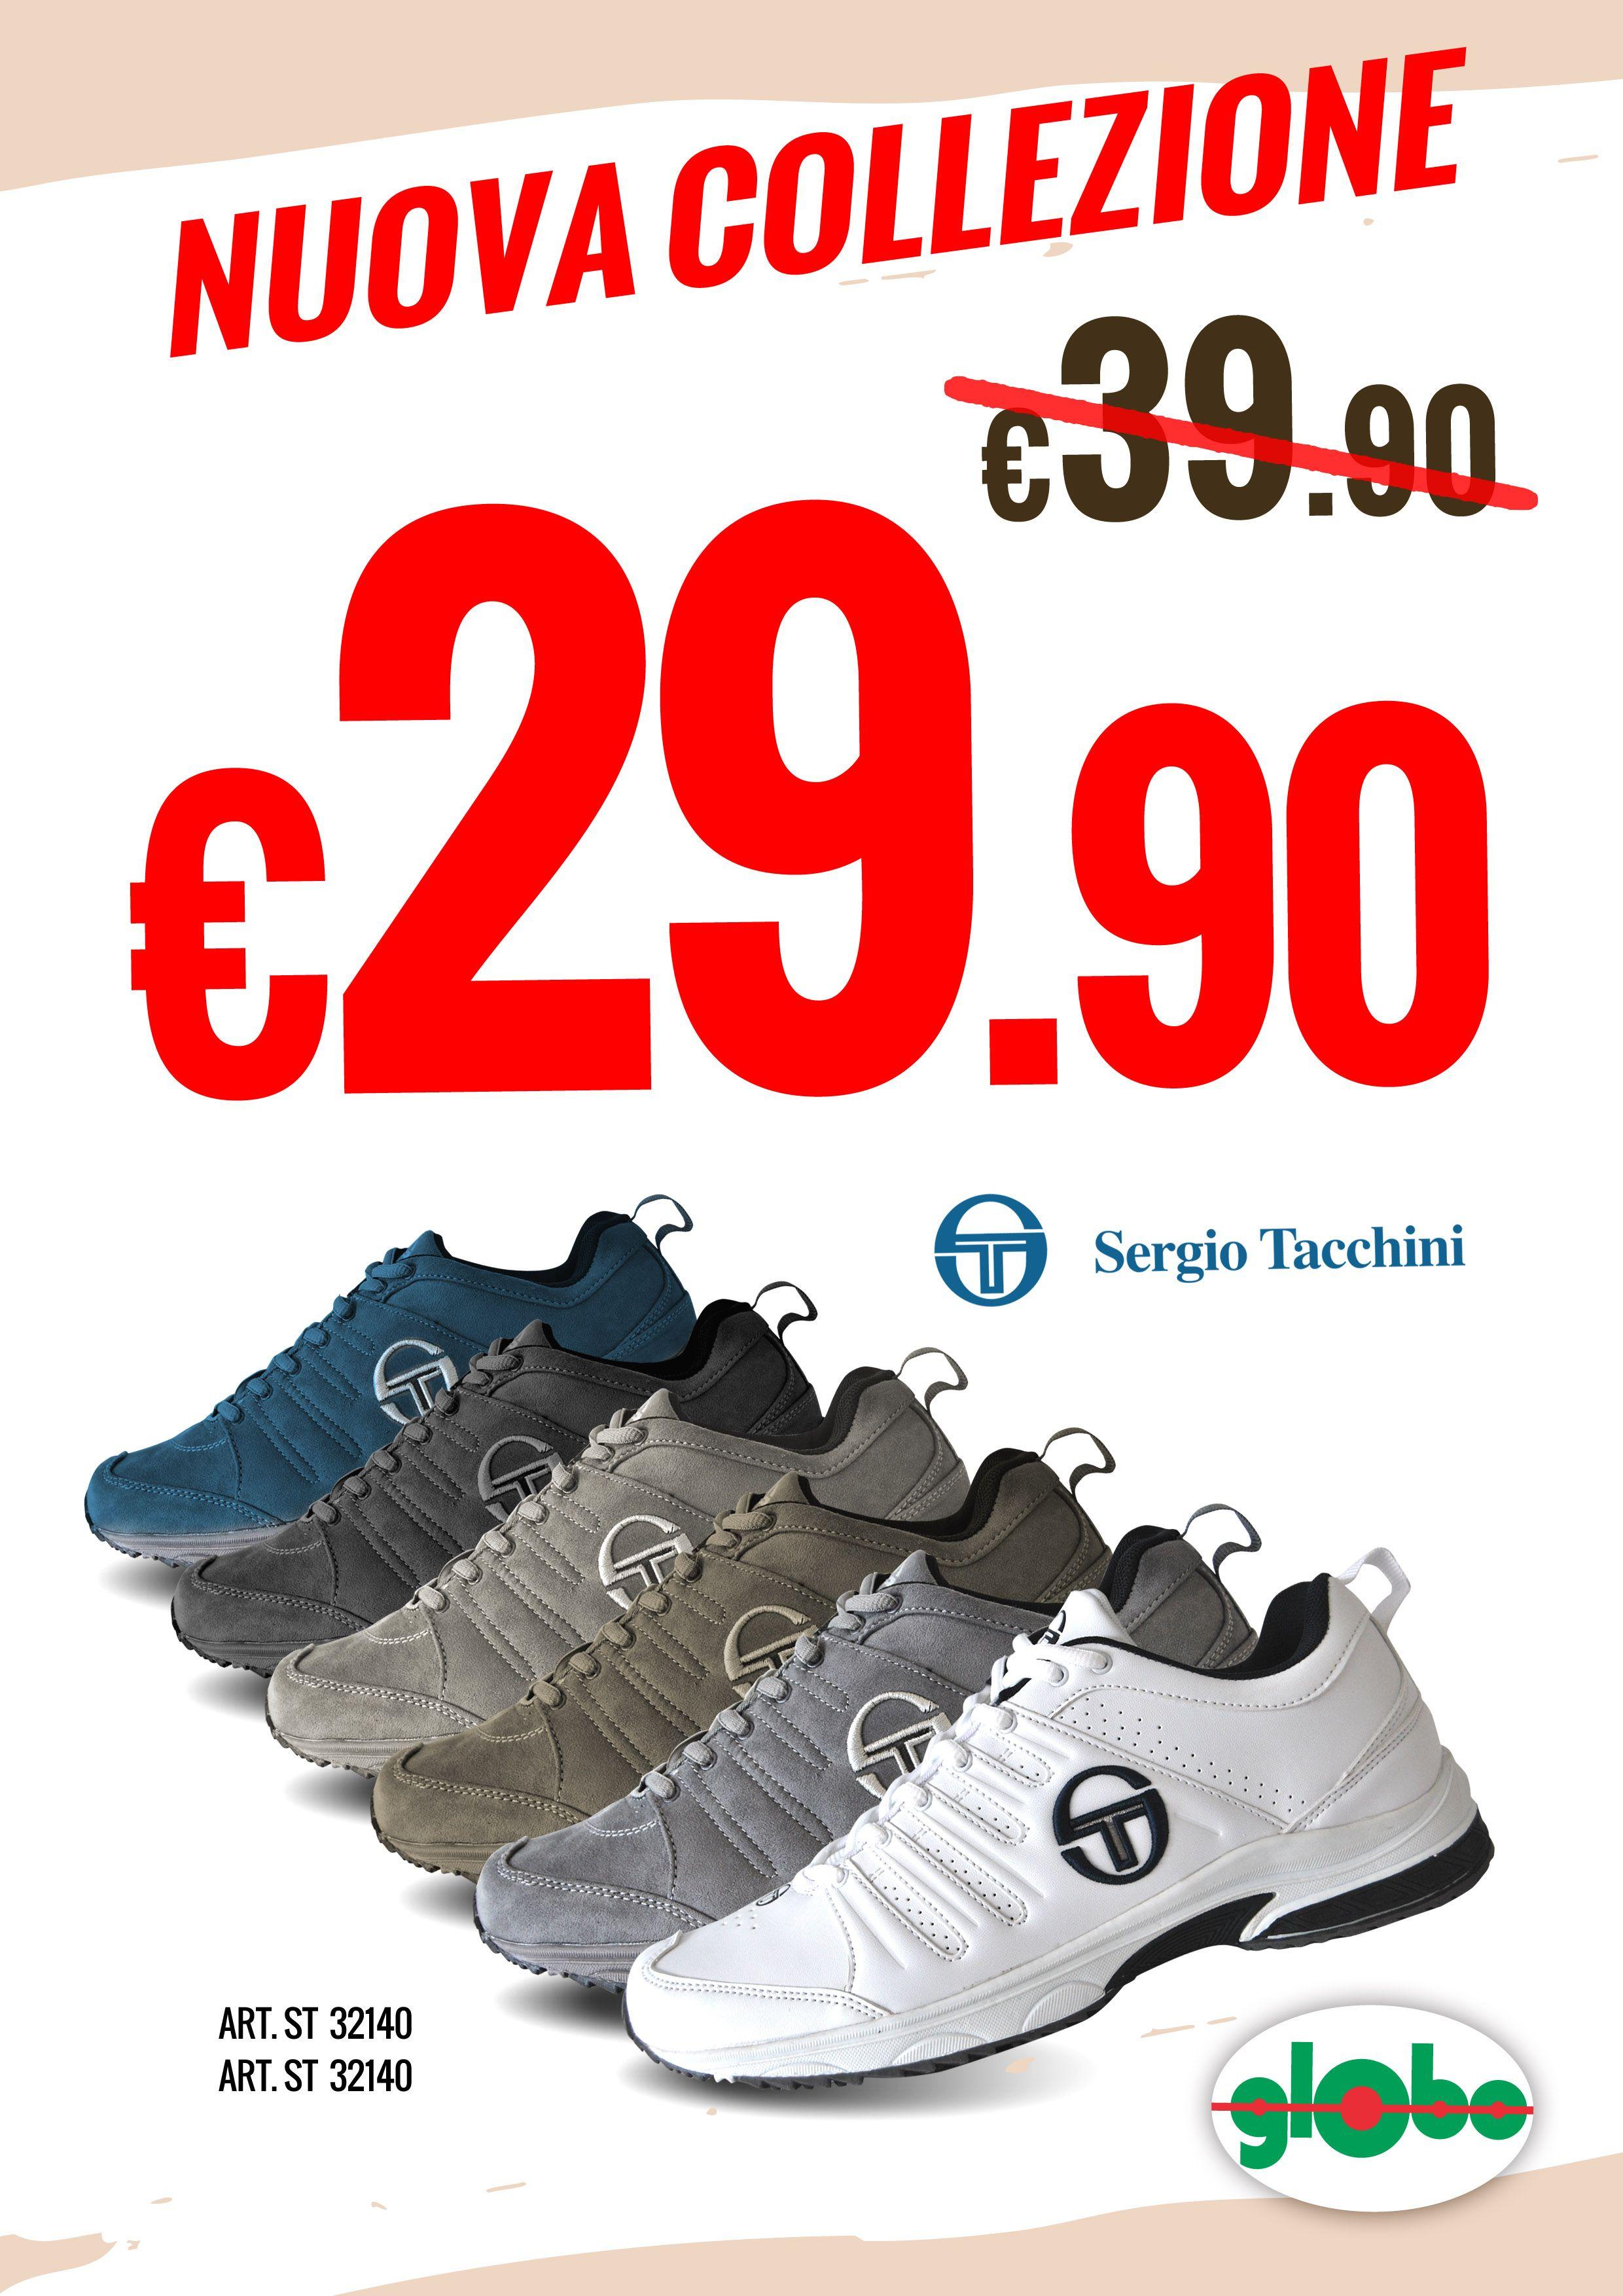 on sale 49055 91ff5 Nuova collezione Sergio Tacchini...